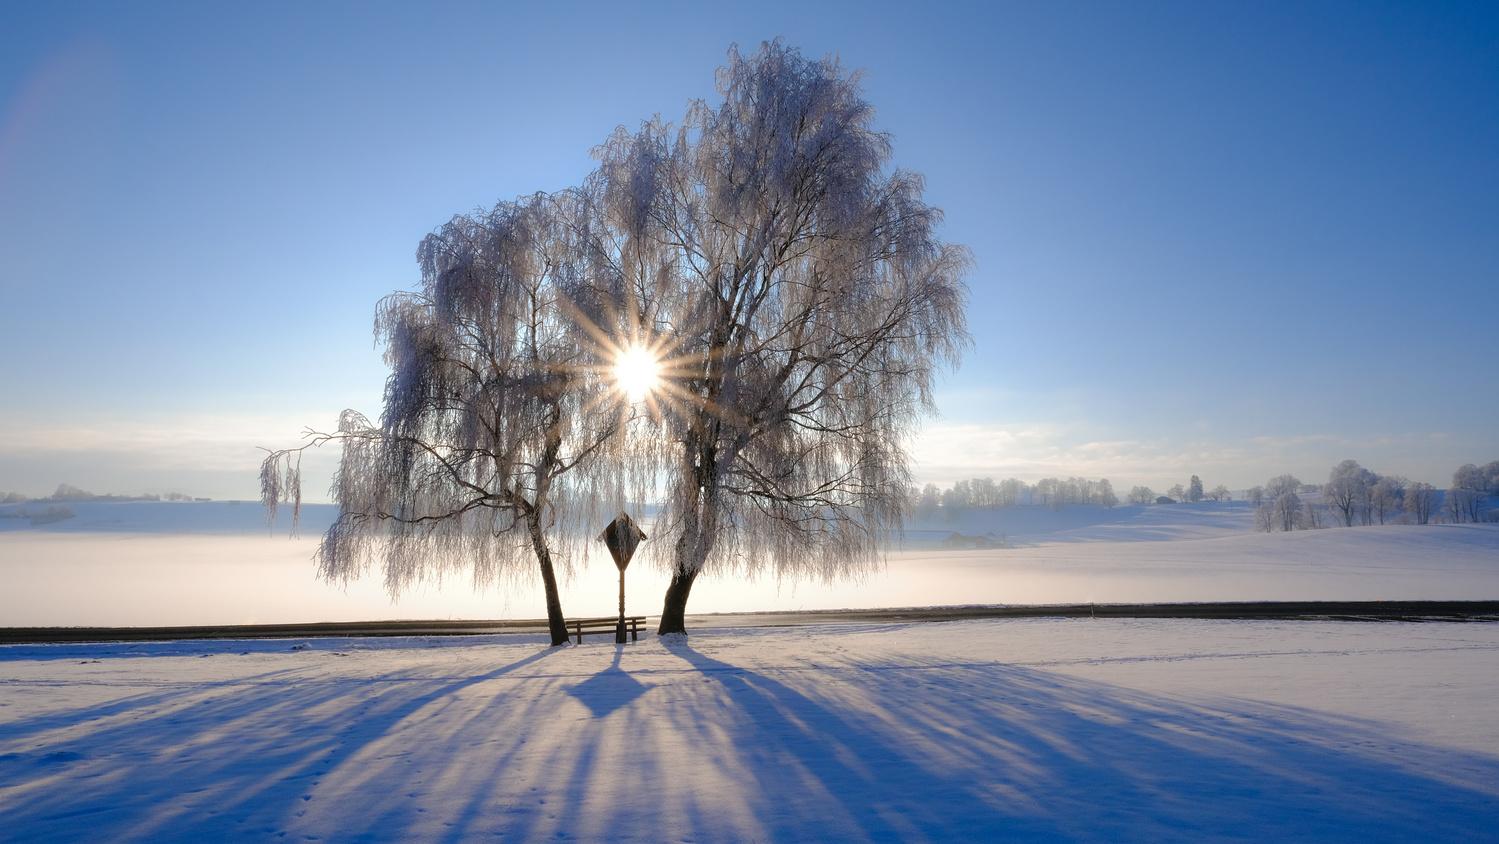 Winter sun by Martin Weiss